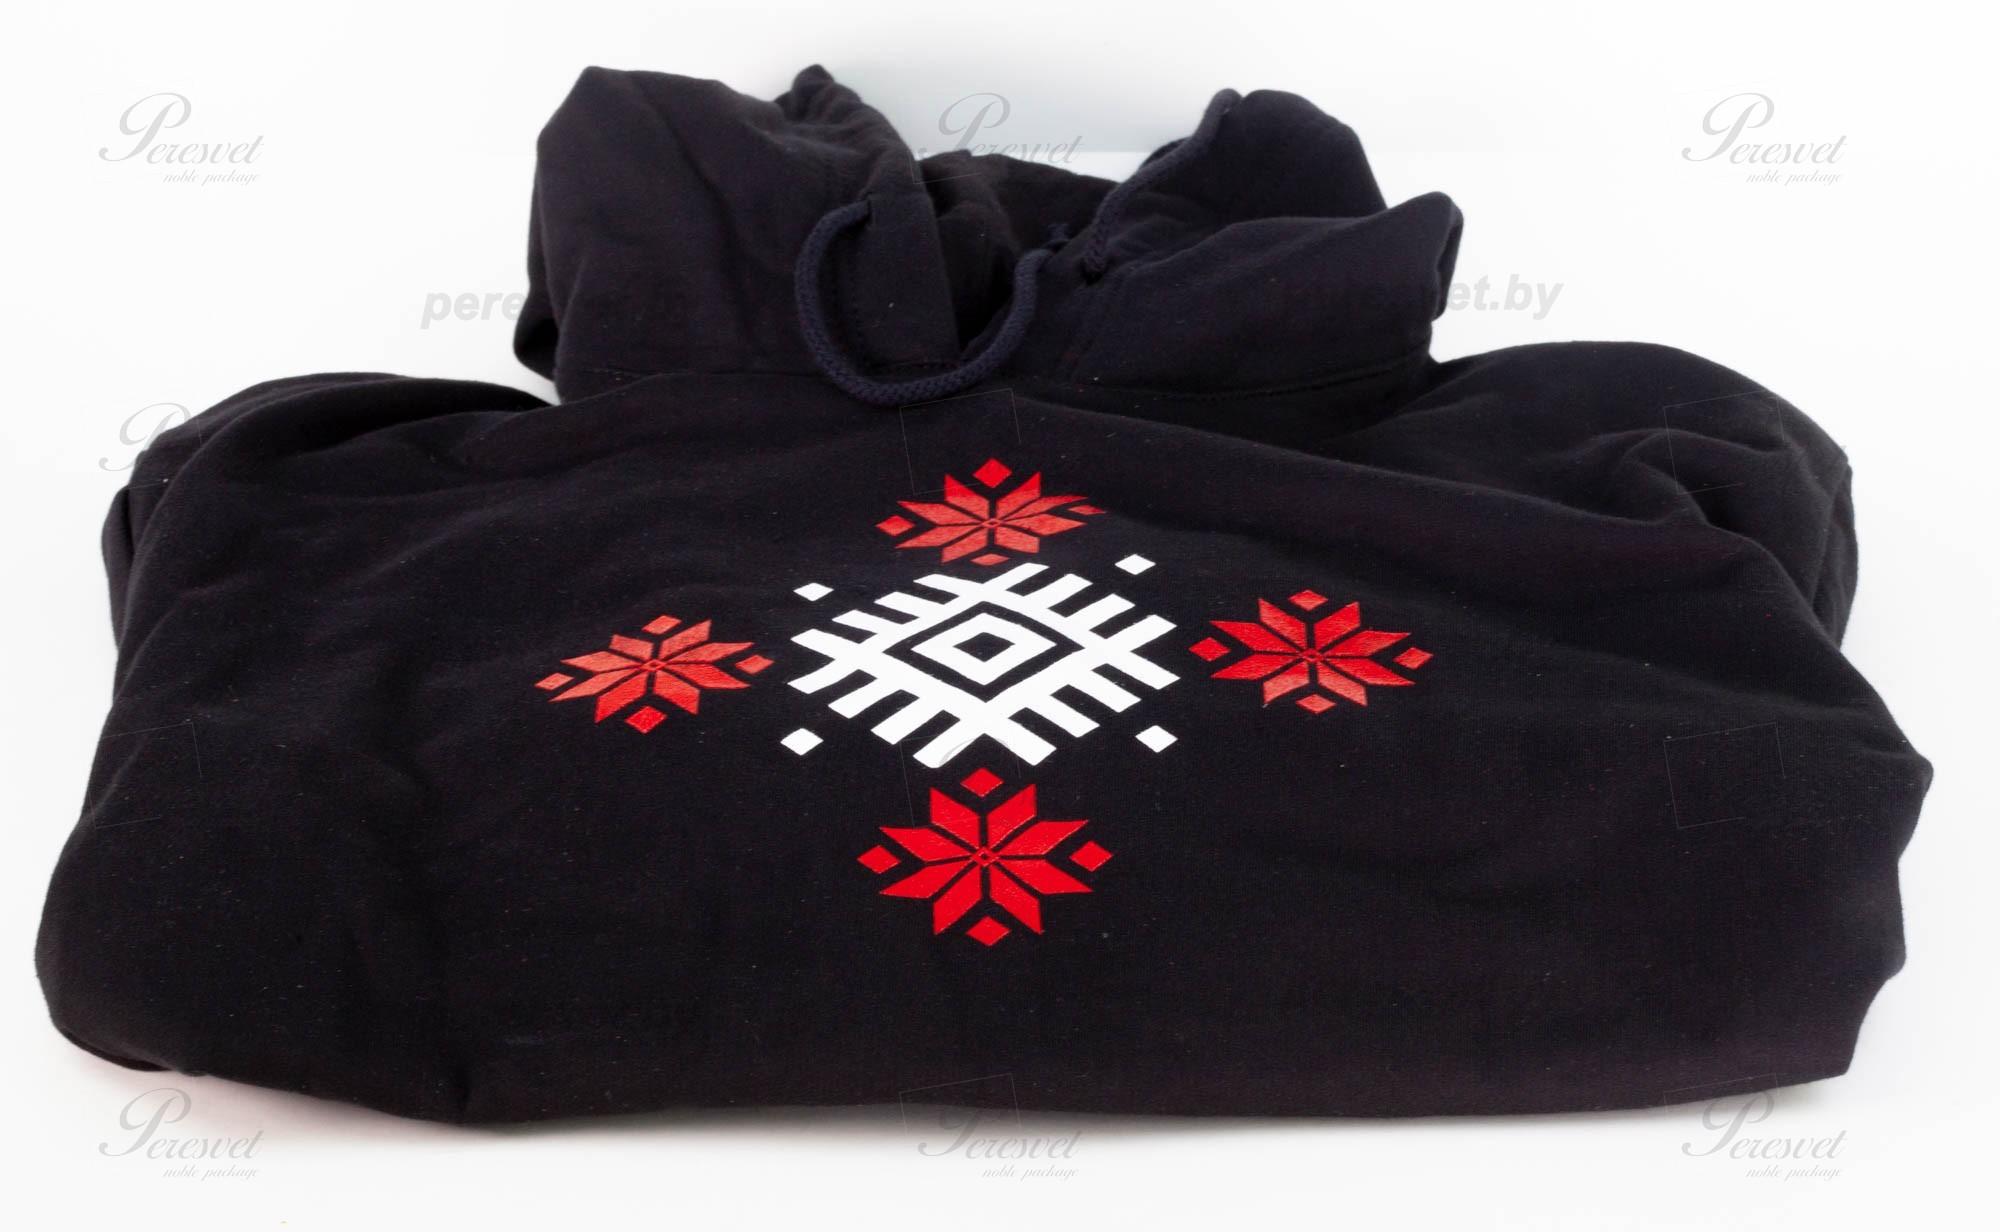 Нанесение логотипа на байку с капюшоном шелкографией на peresvet.by